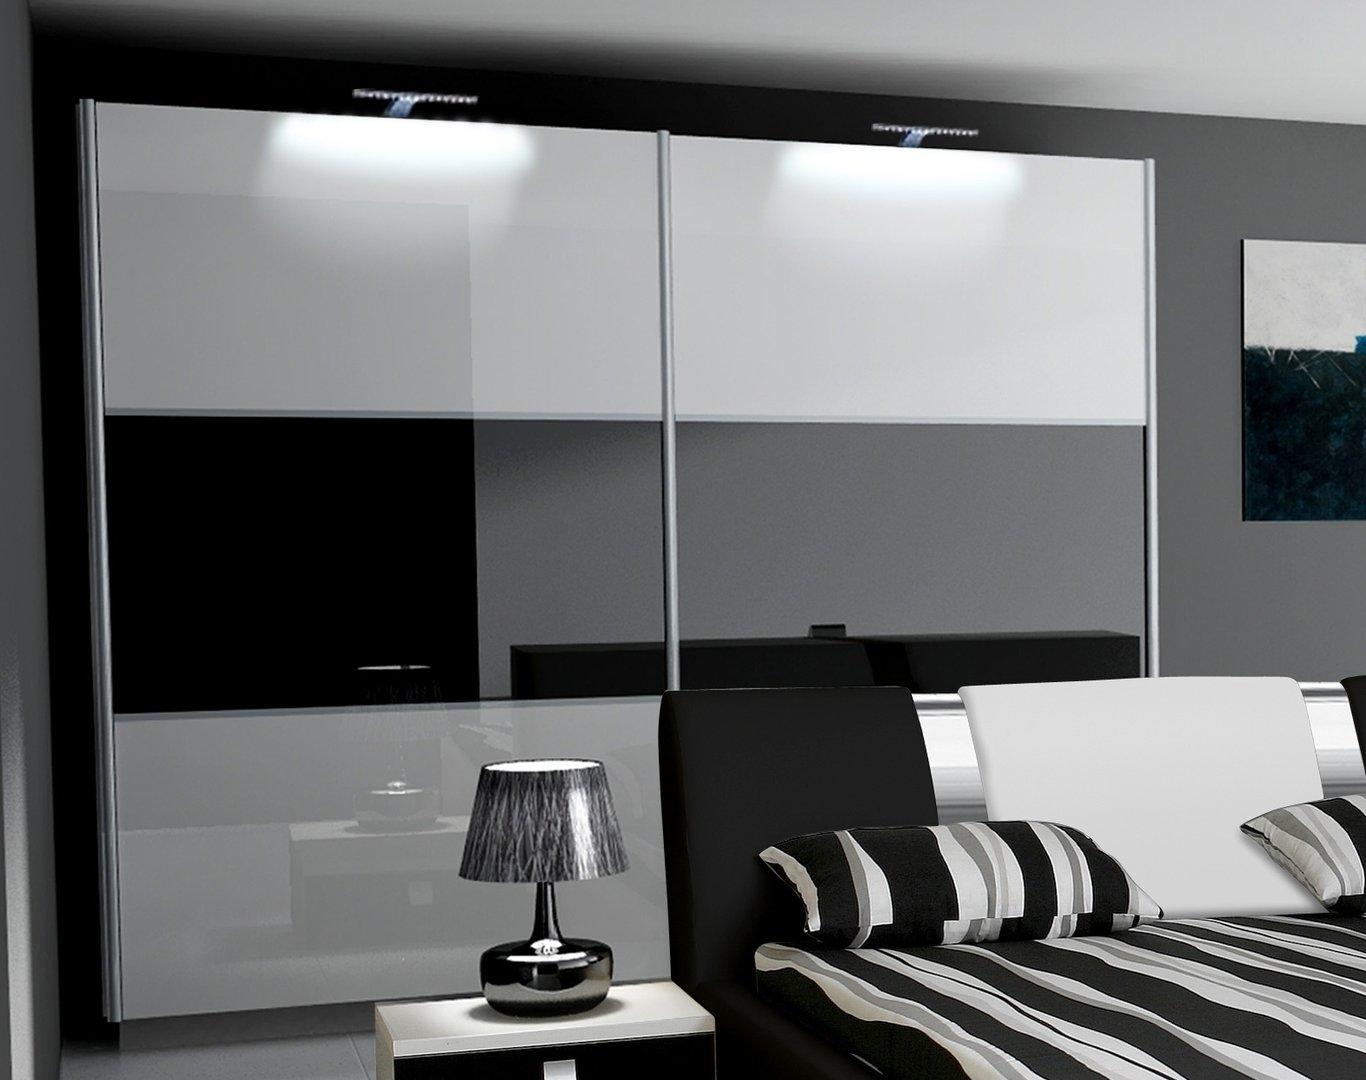 Schlafzimmer novabox in hochglanz mit boxspringbett for Boxspringbett schlafzimmer